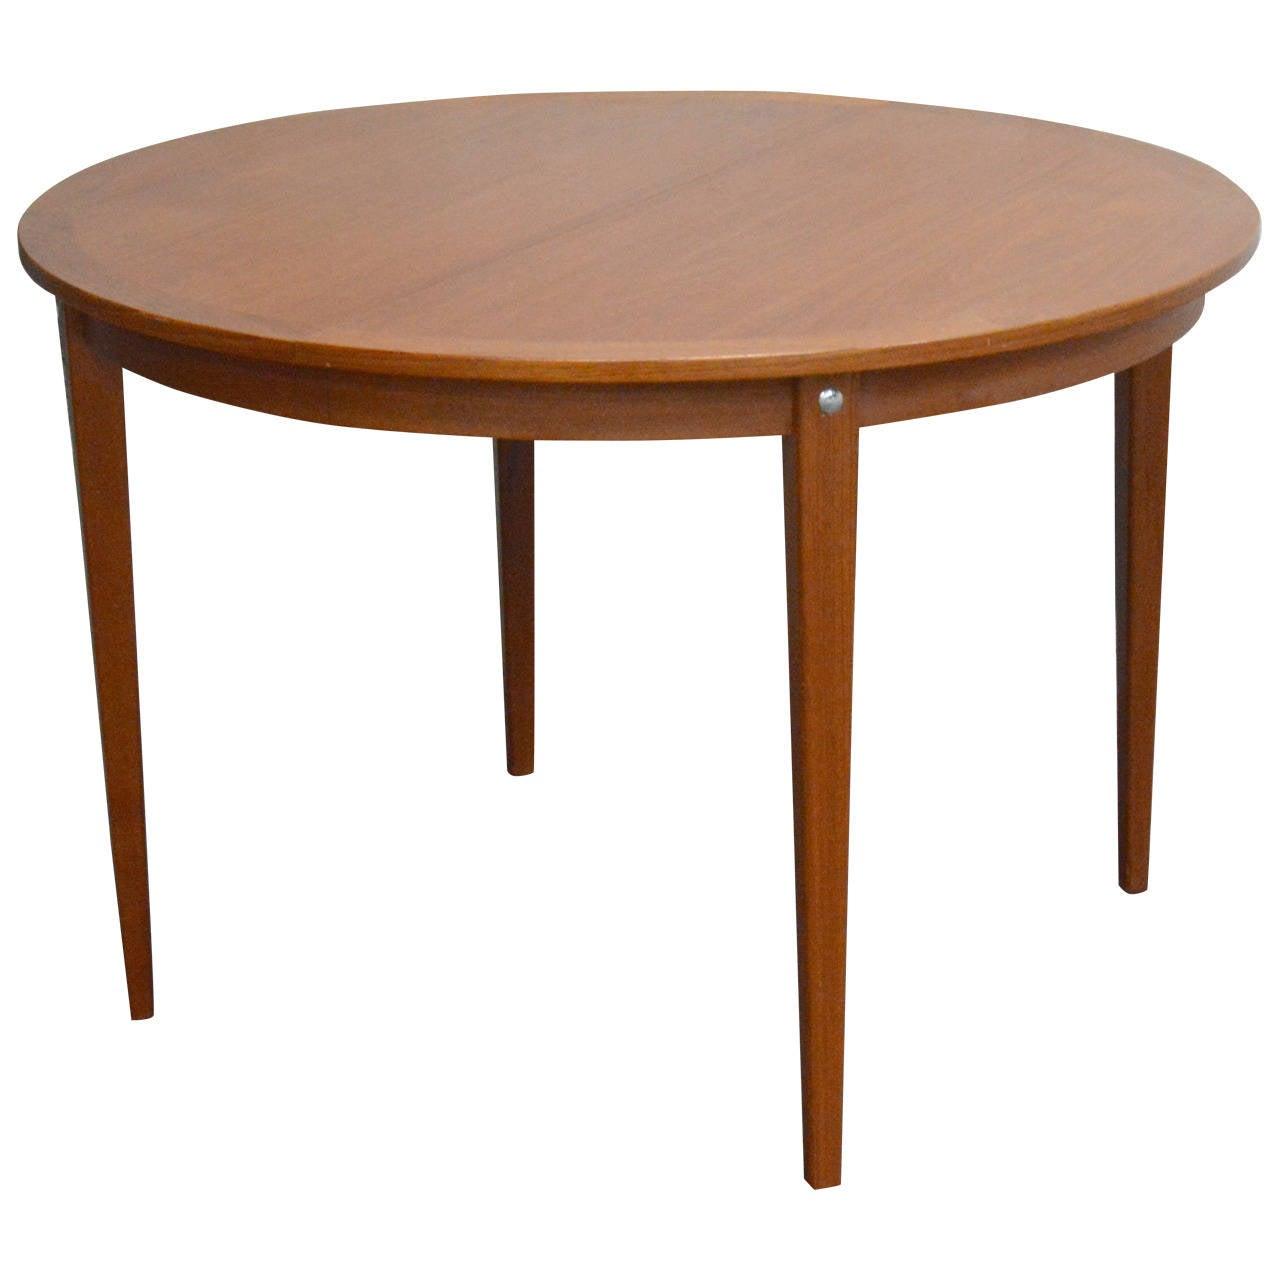 id f mid century kitchen table Mid Century Modern Round Swedish Teak Dining Table 1